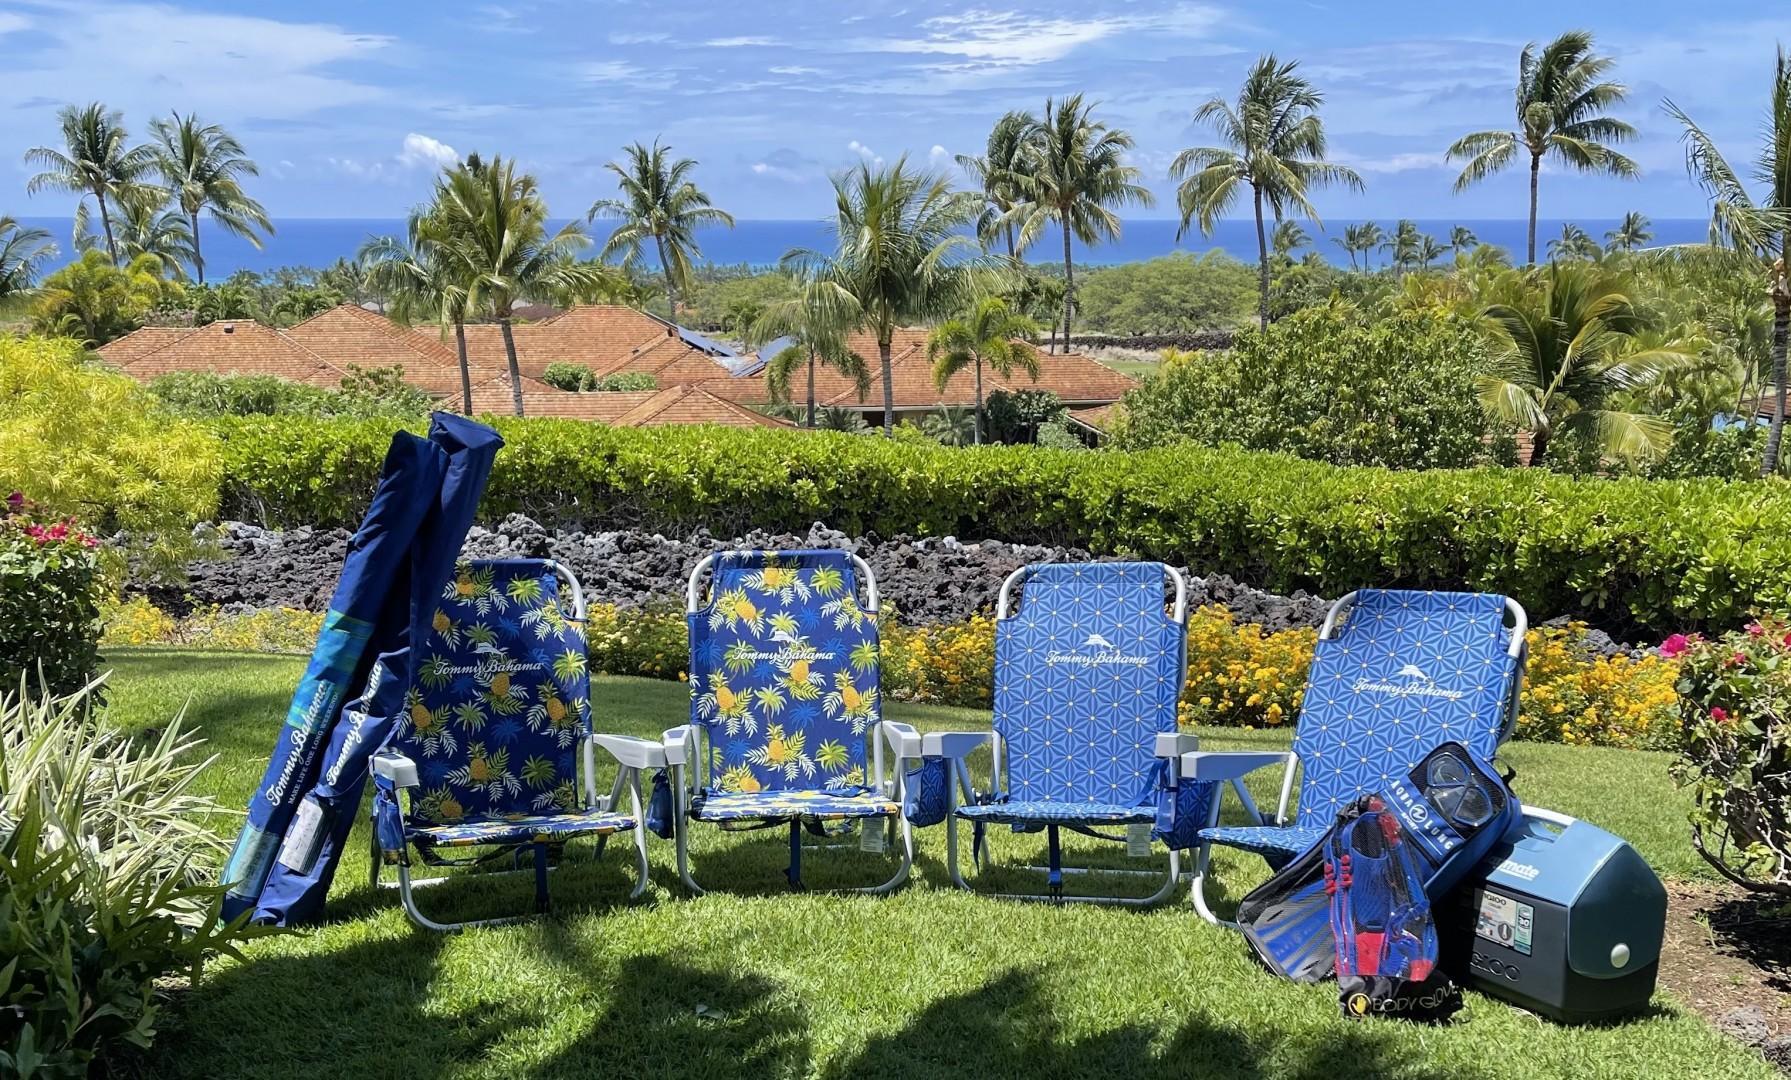 Beach amenities - subject to change.